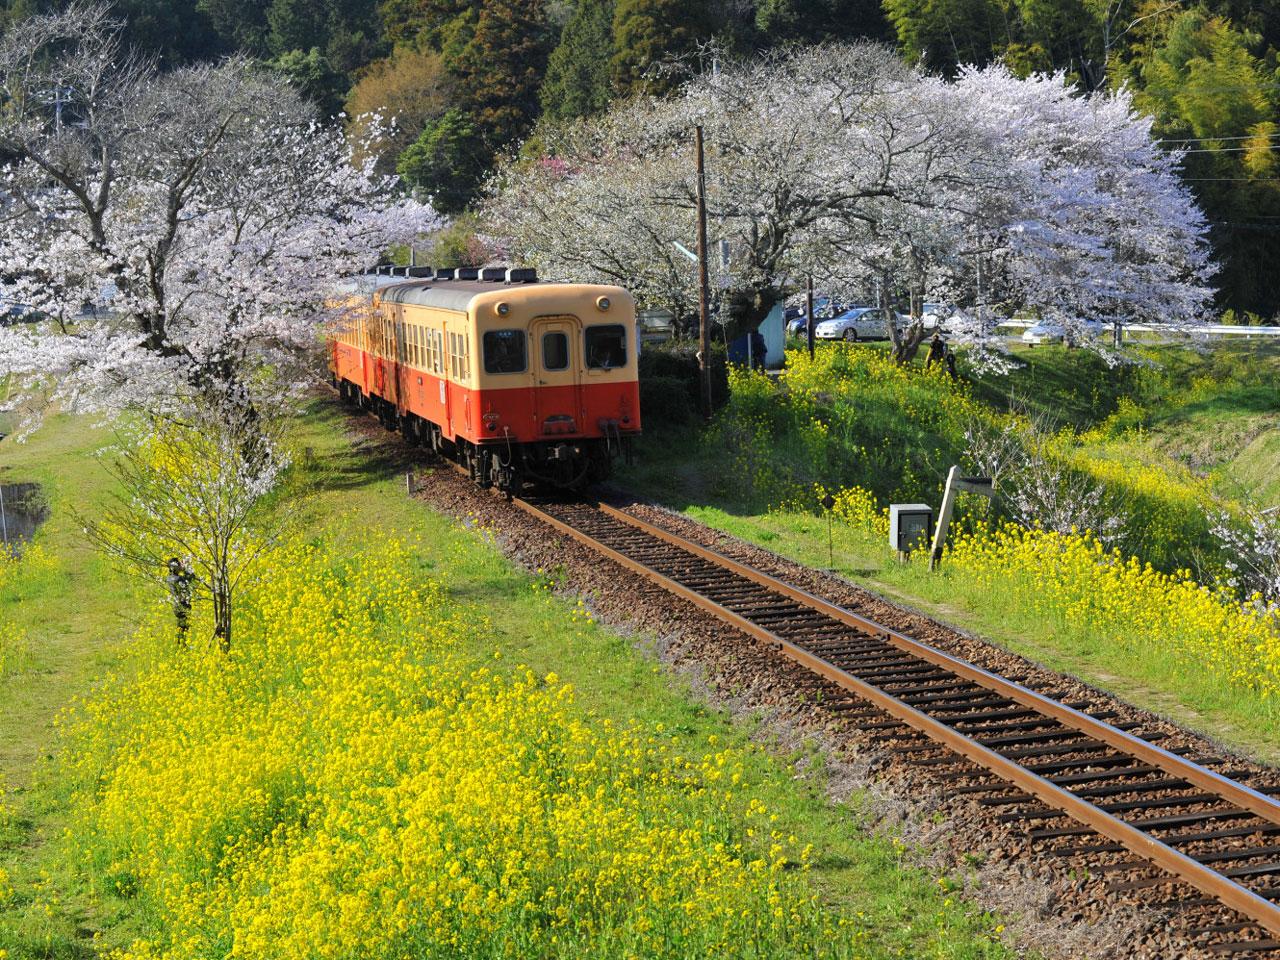 """いつか行きたい! 日本の絶景 """"電車×花畑""""のレトロな風景5選"""